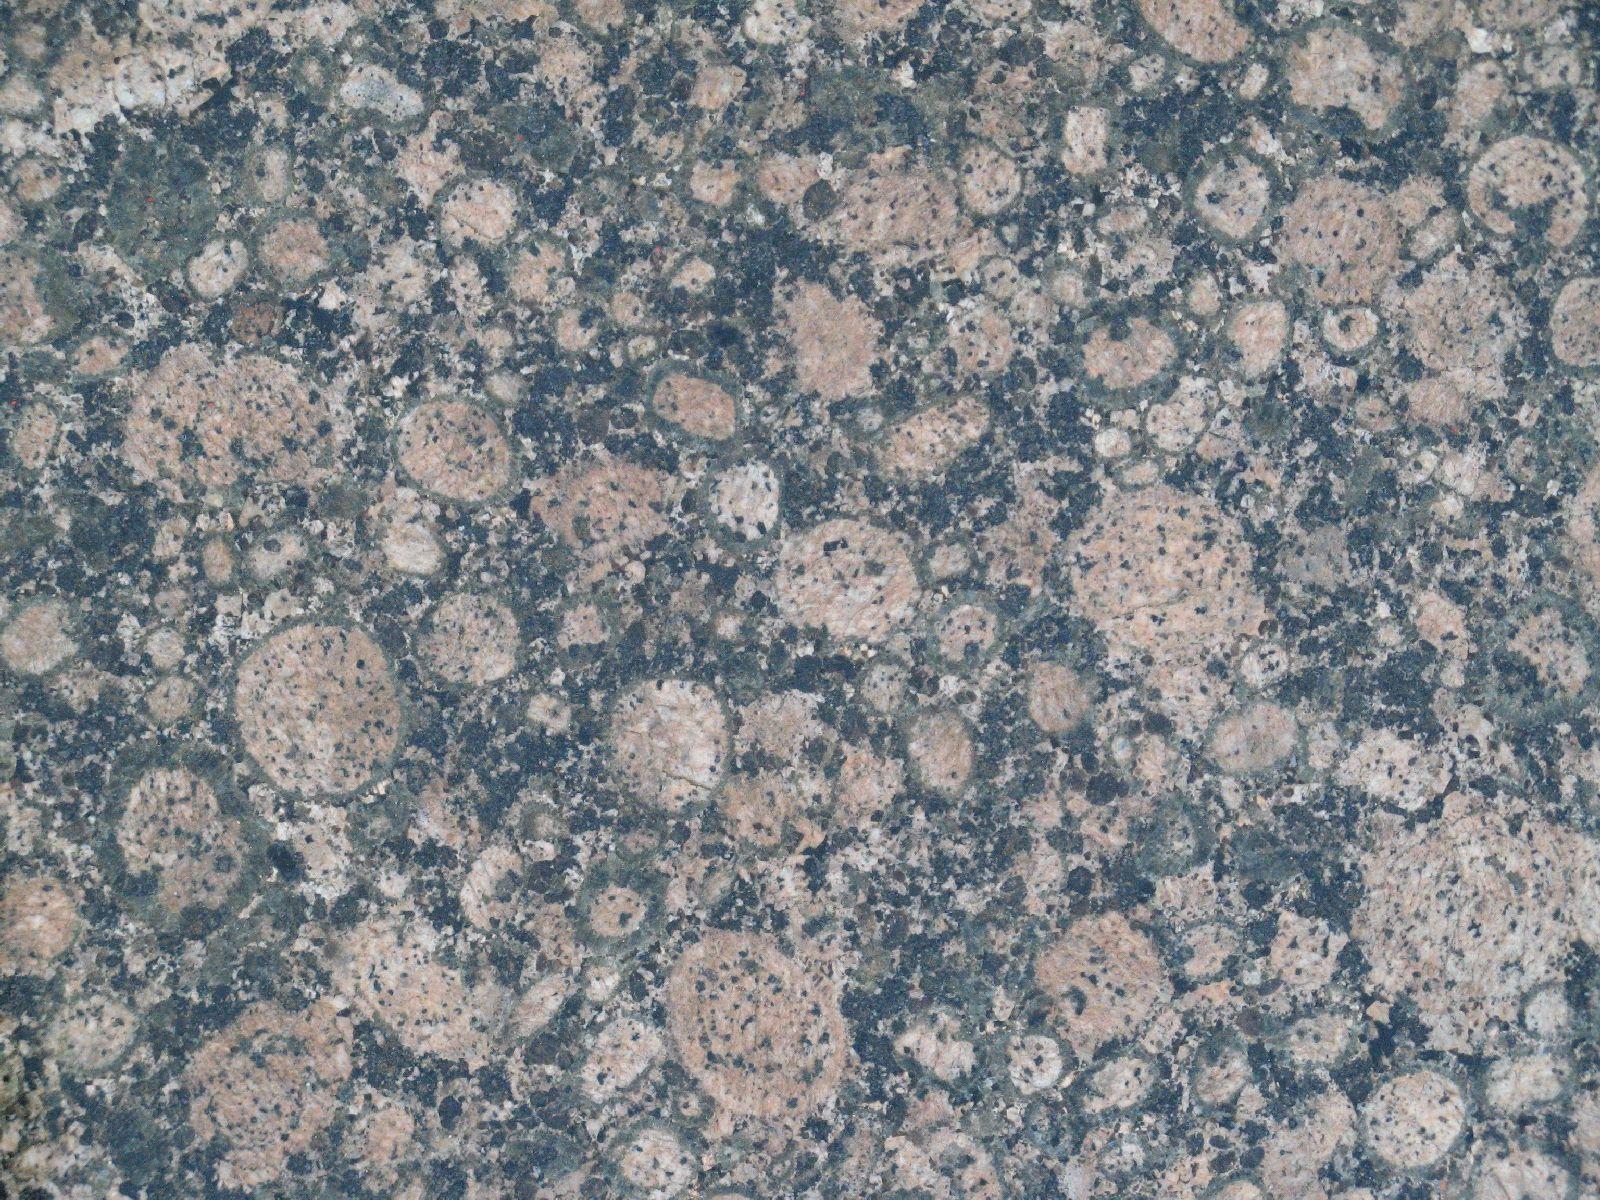 Ground-Urban_Texture_B_00315